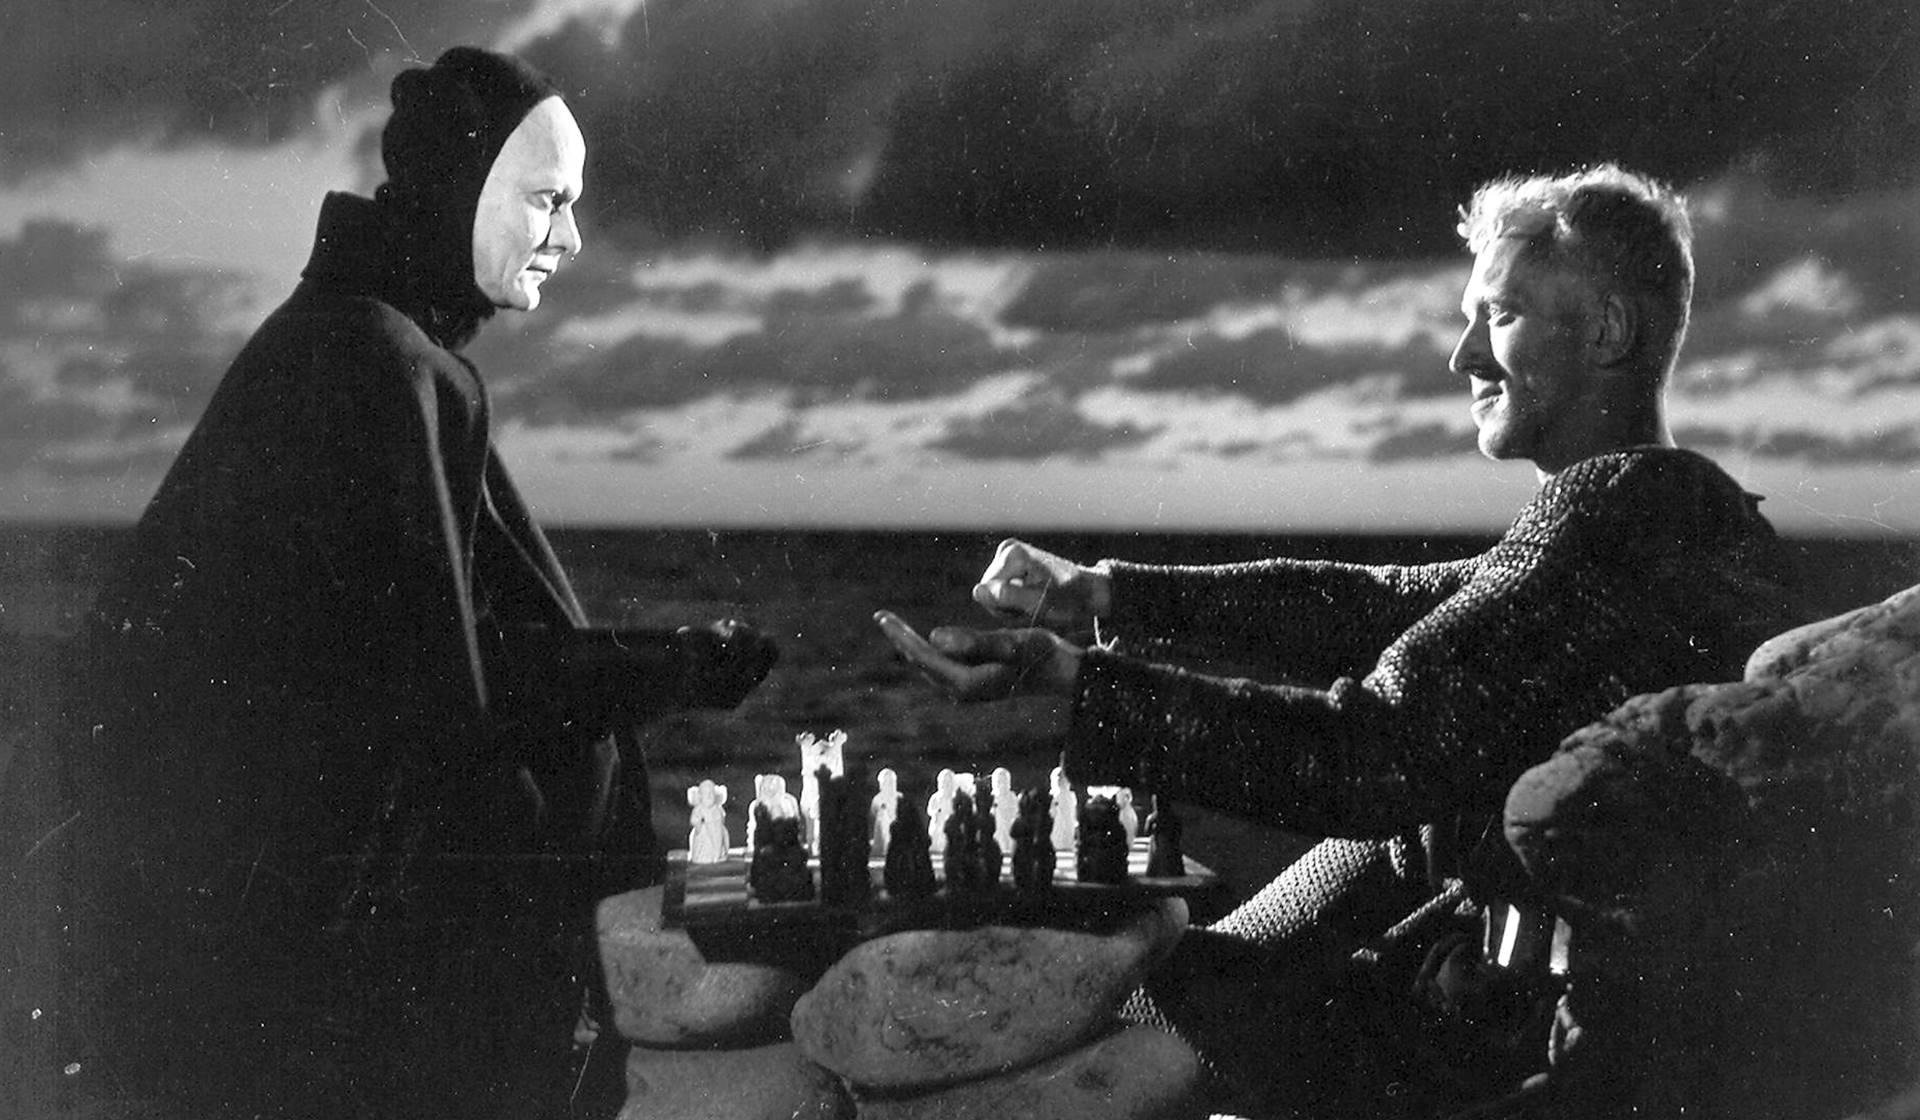 El séptimo sello la película más filosófica de Bergman